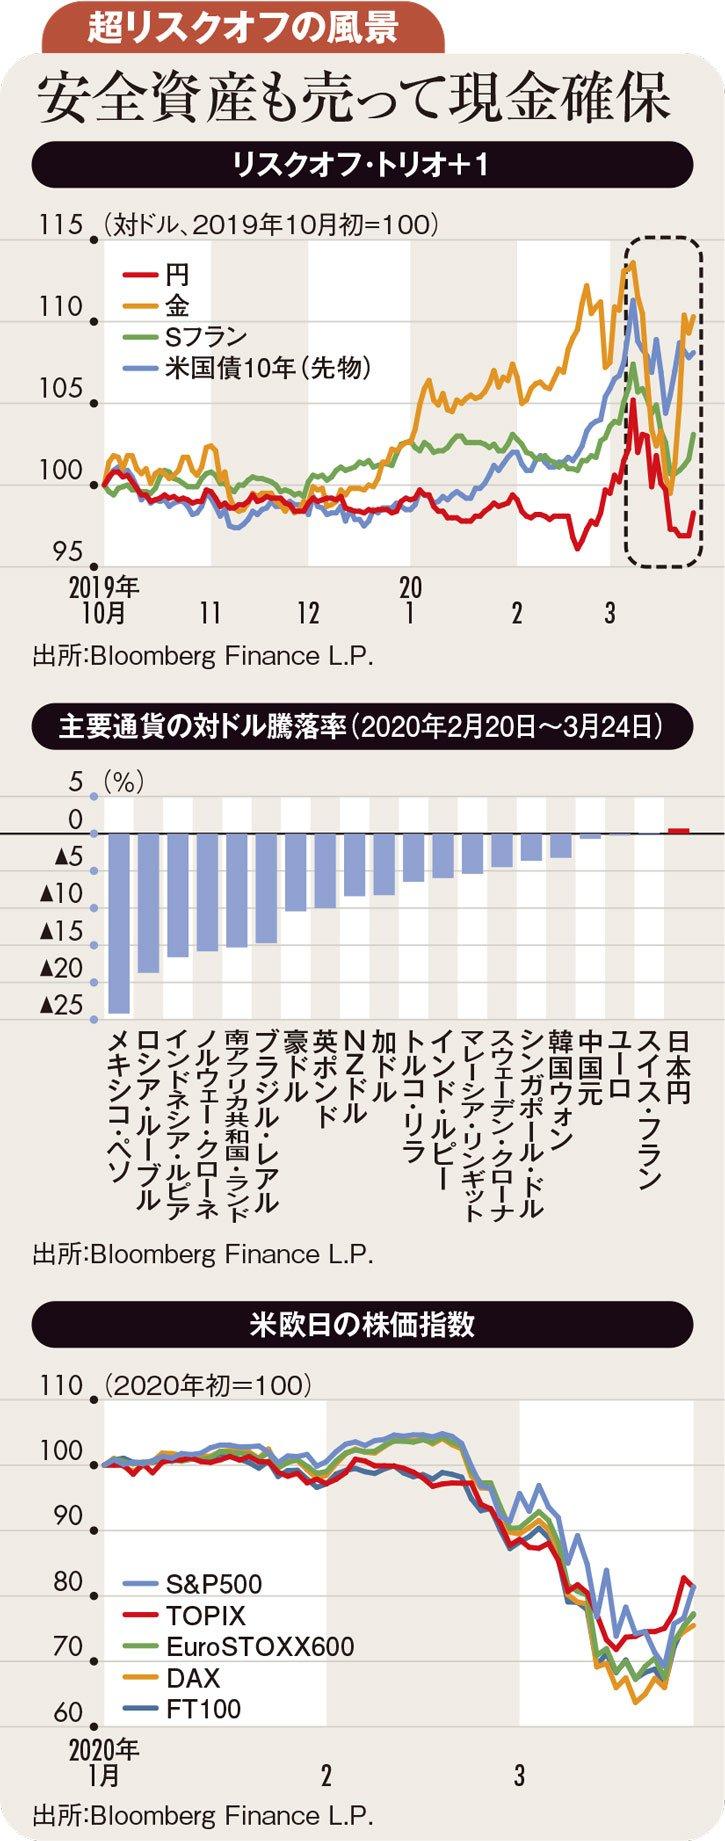 リスクオフが高じる過程で、円高→ドル高→円高の背景